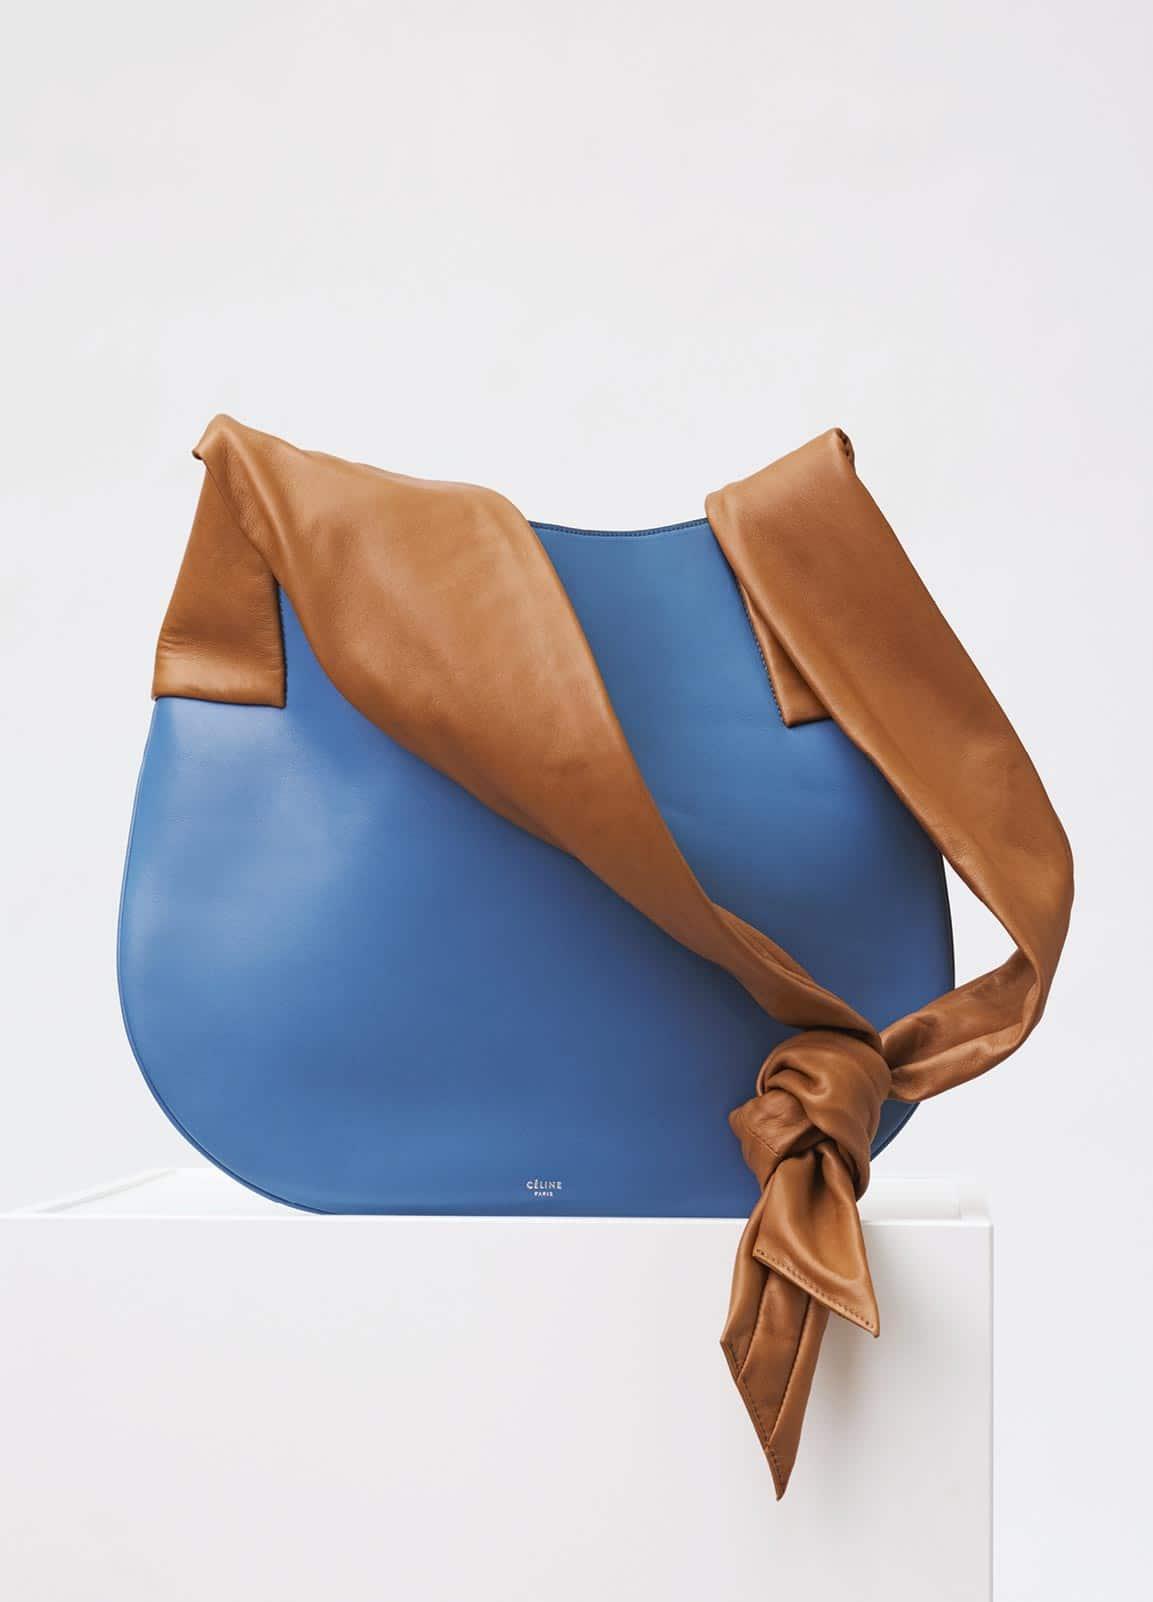 celine soft tote bag - Celine Bag Price List Reference Guide | Spotted Fashion